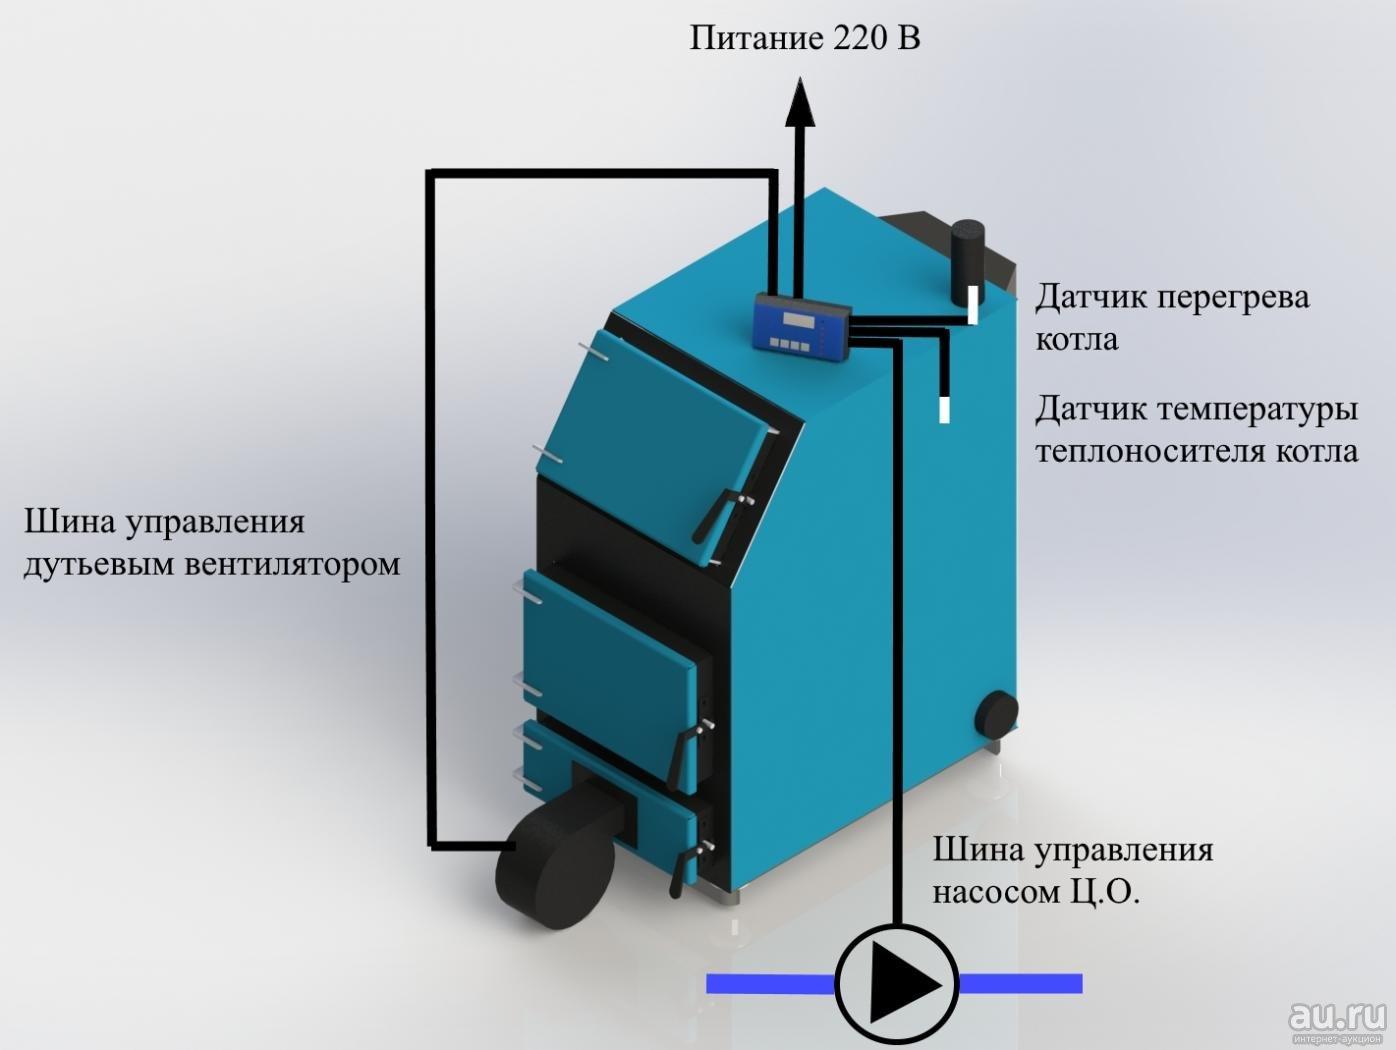 Инструкция по монтажу, обвязке и подключению к сети электрокотла